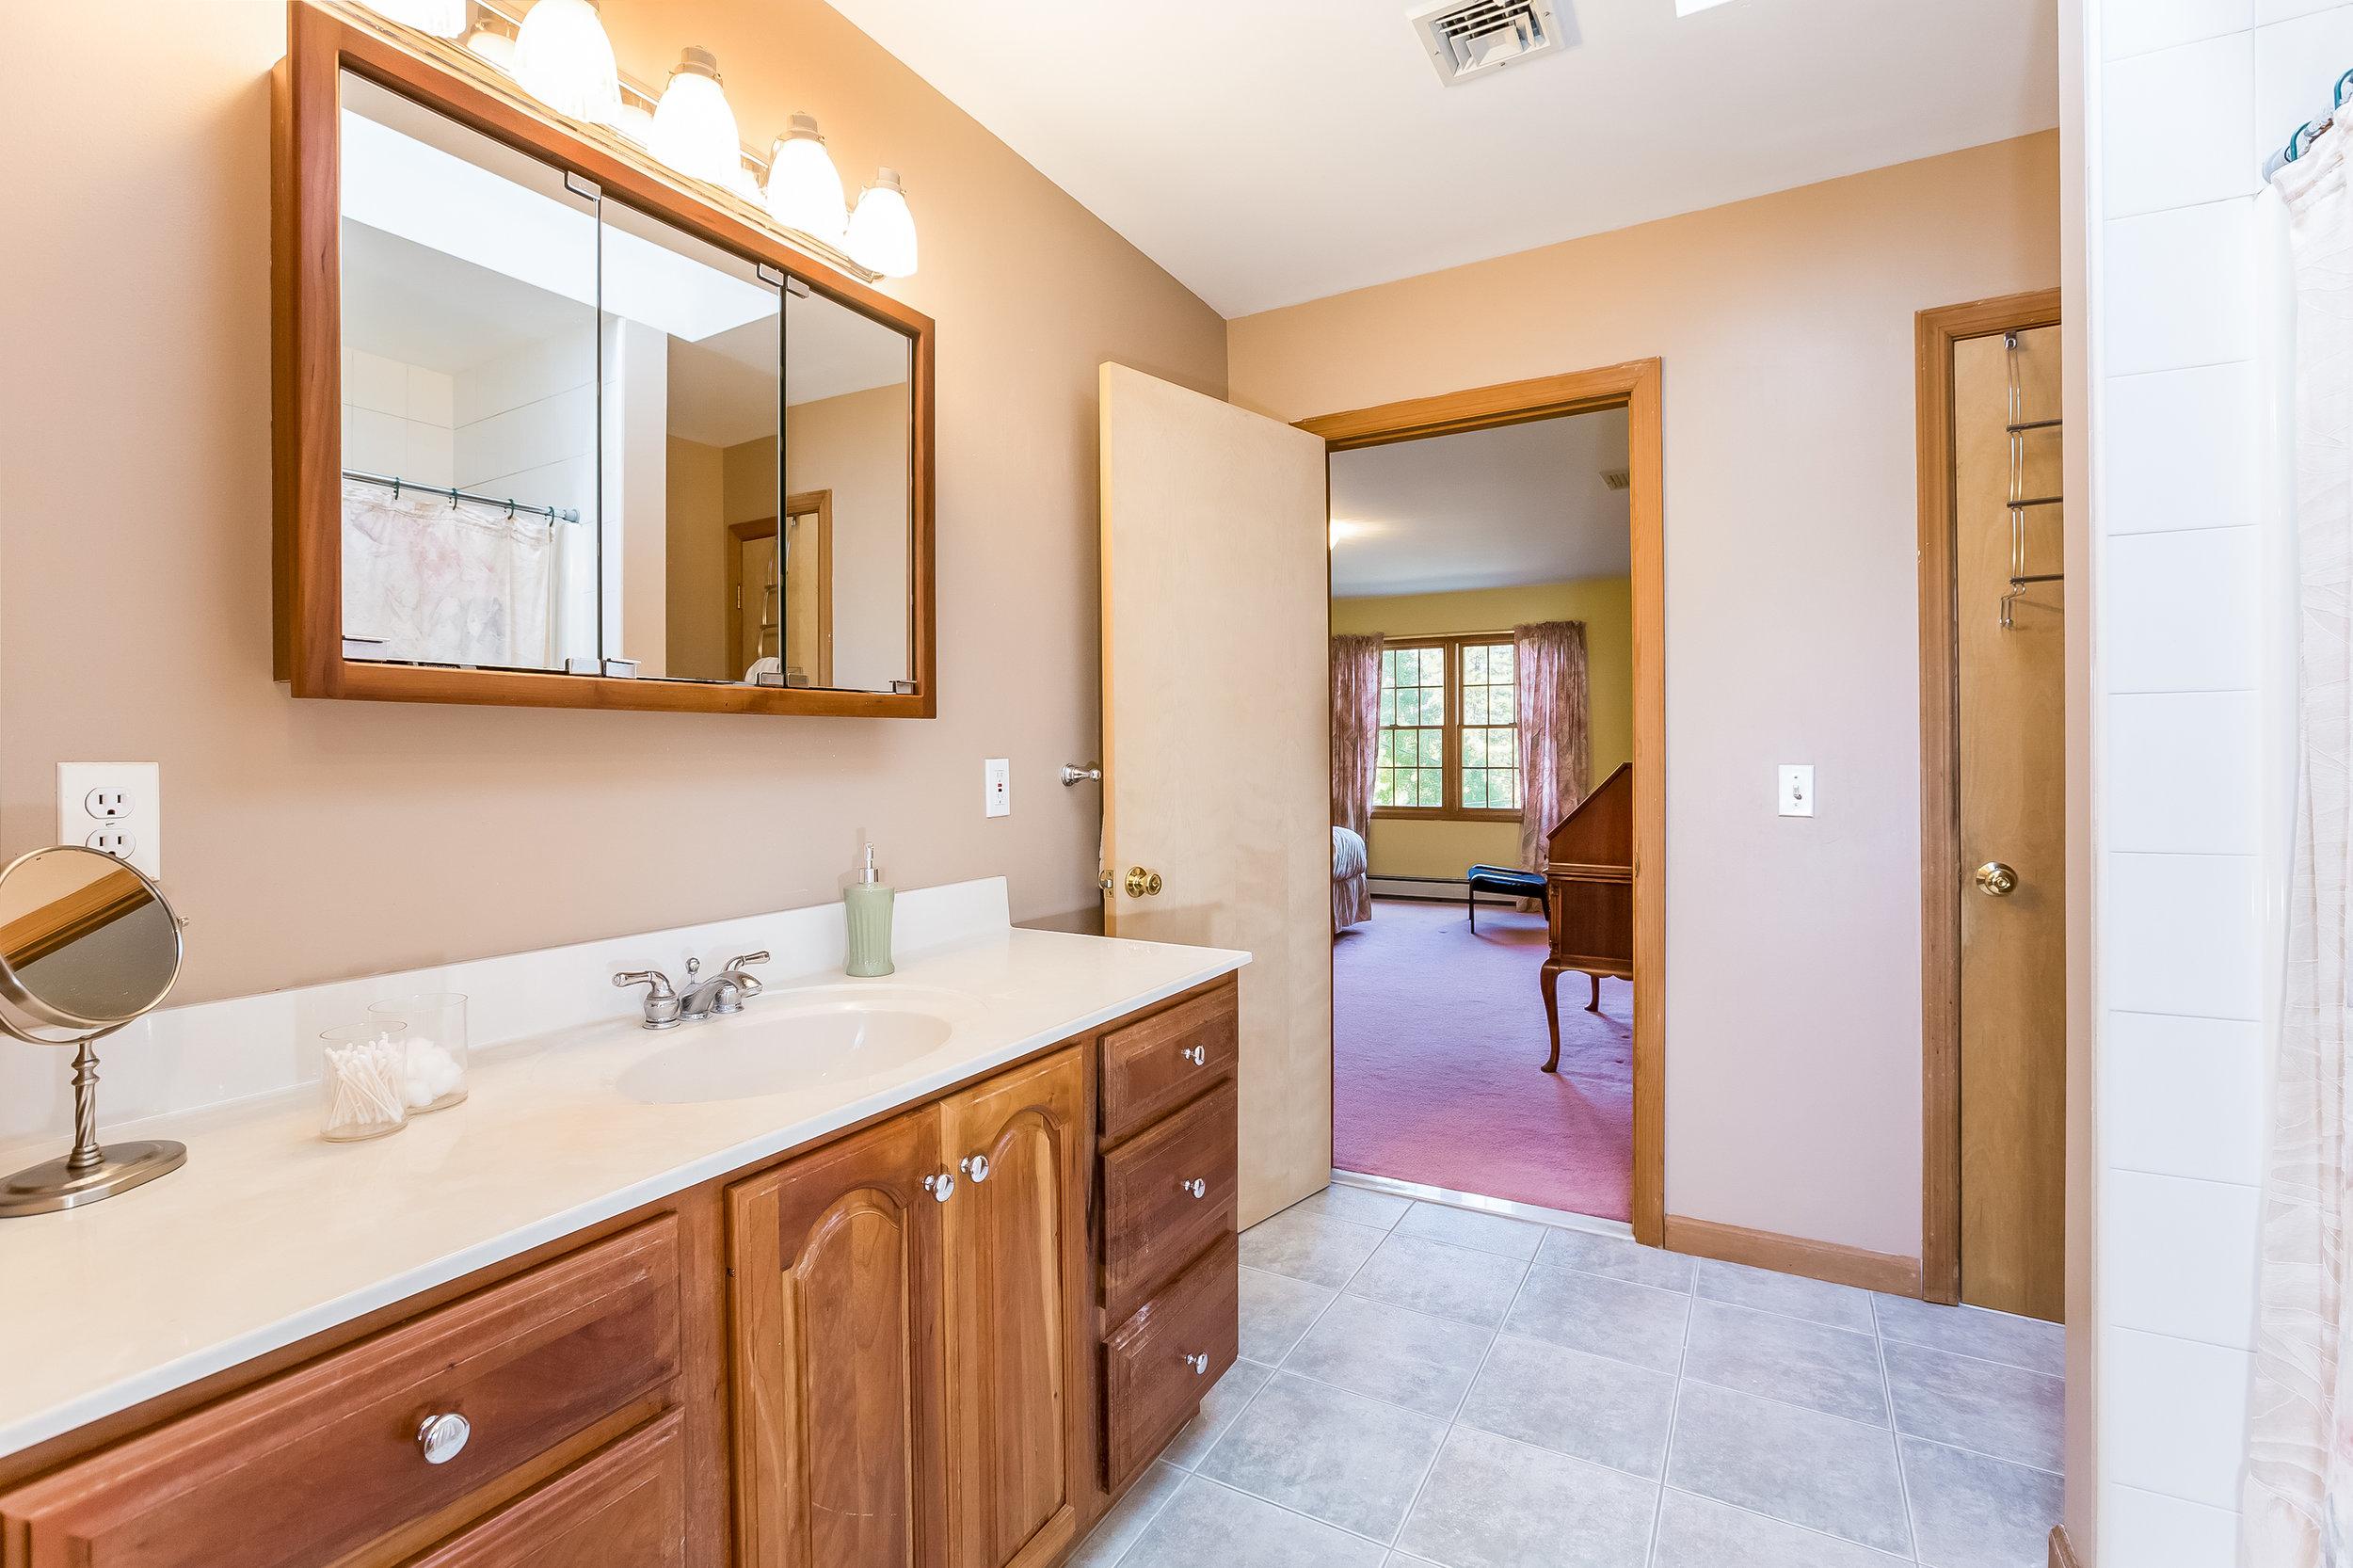 033-Master_Bathroom-5002160-large.jpg